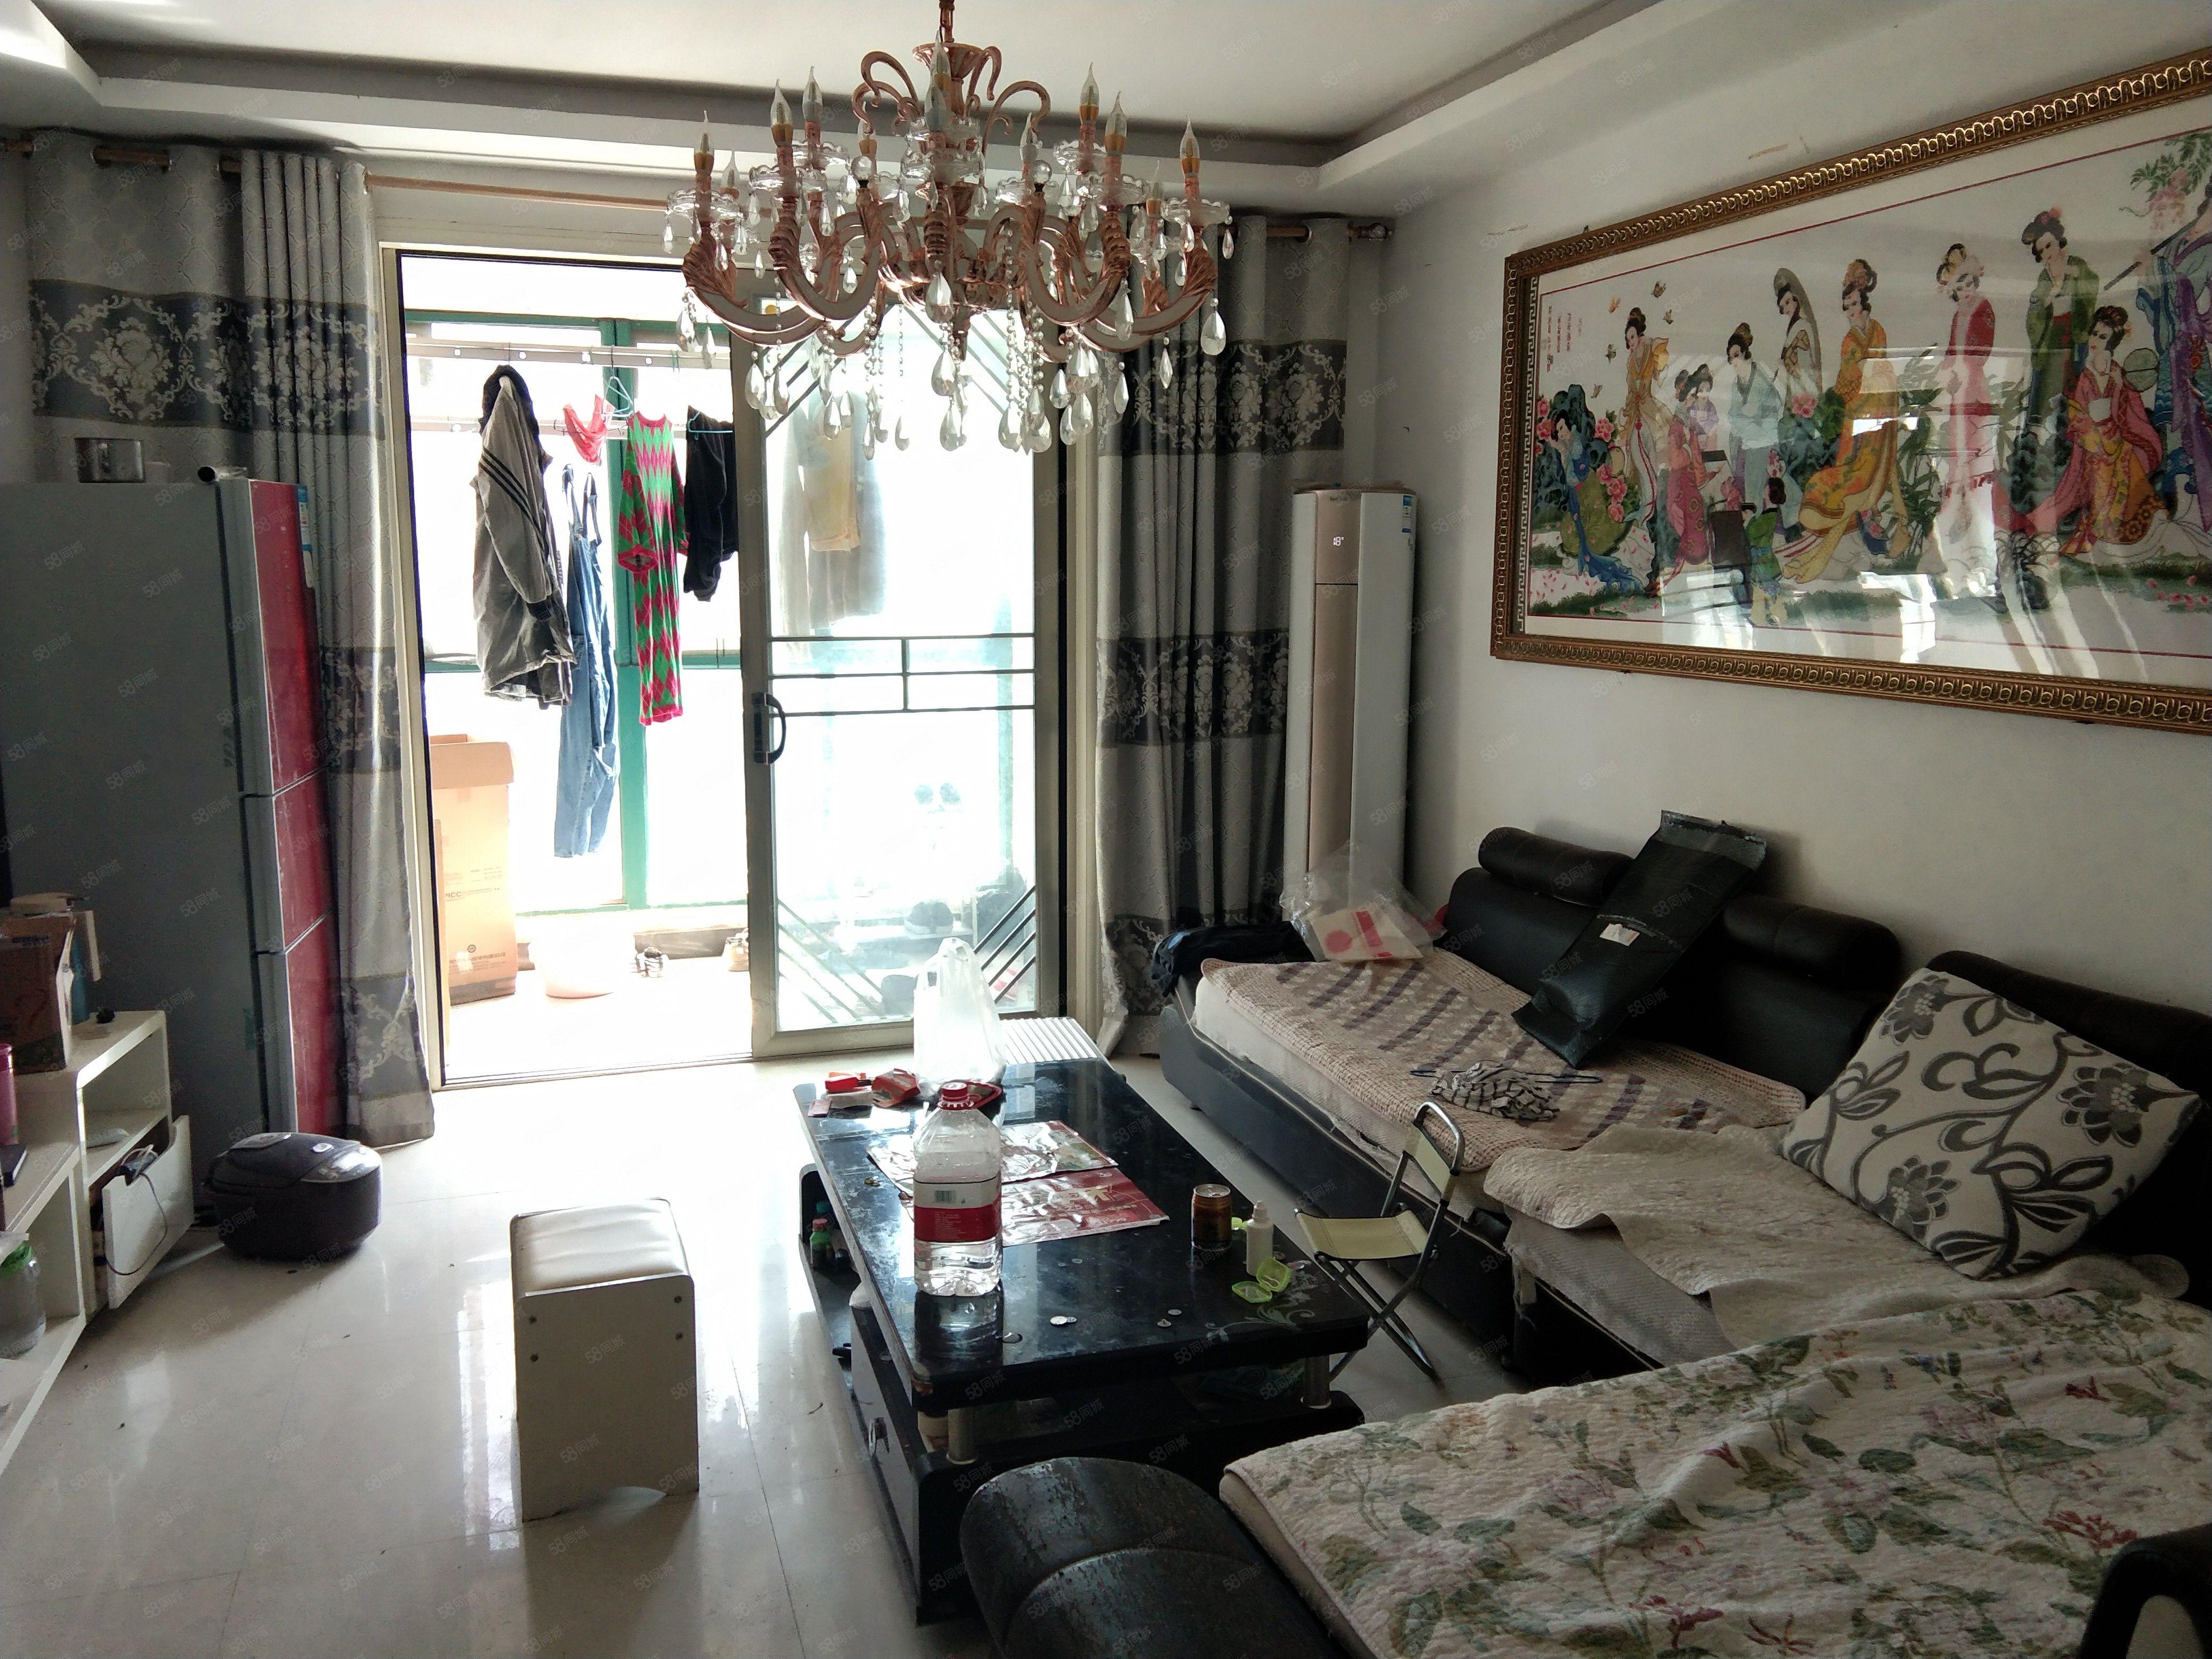 出租繁华地段大润发对面2房家具家电齐全拎包即住随时看房